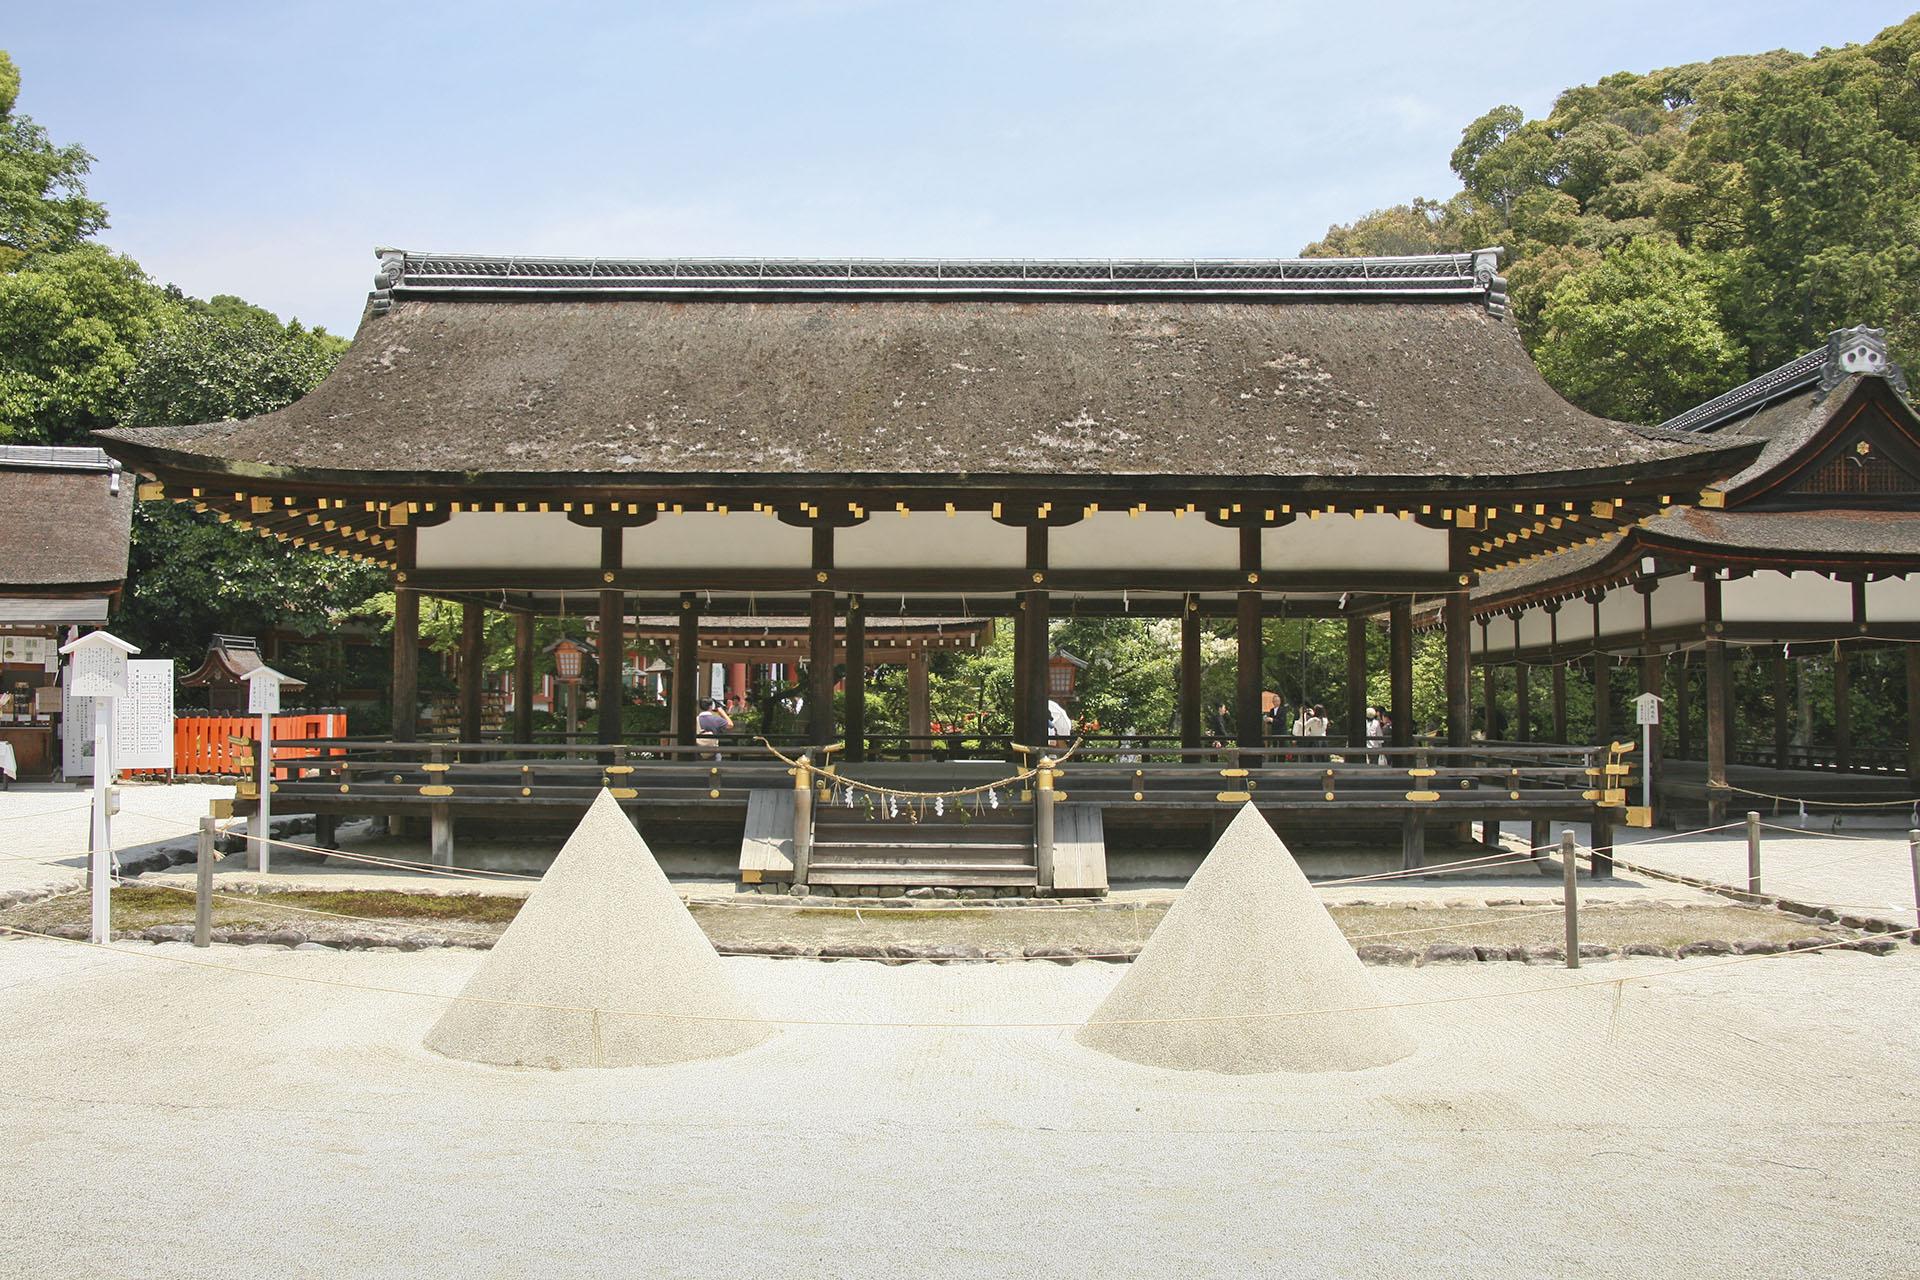 上賀茂神社 京都の風景